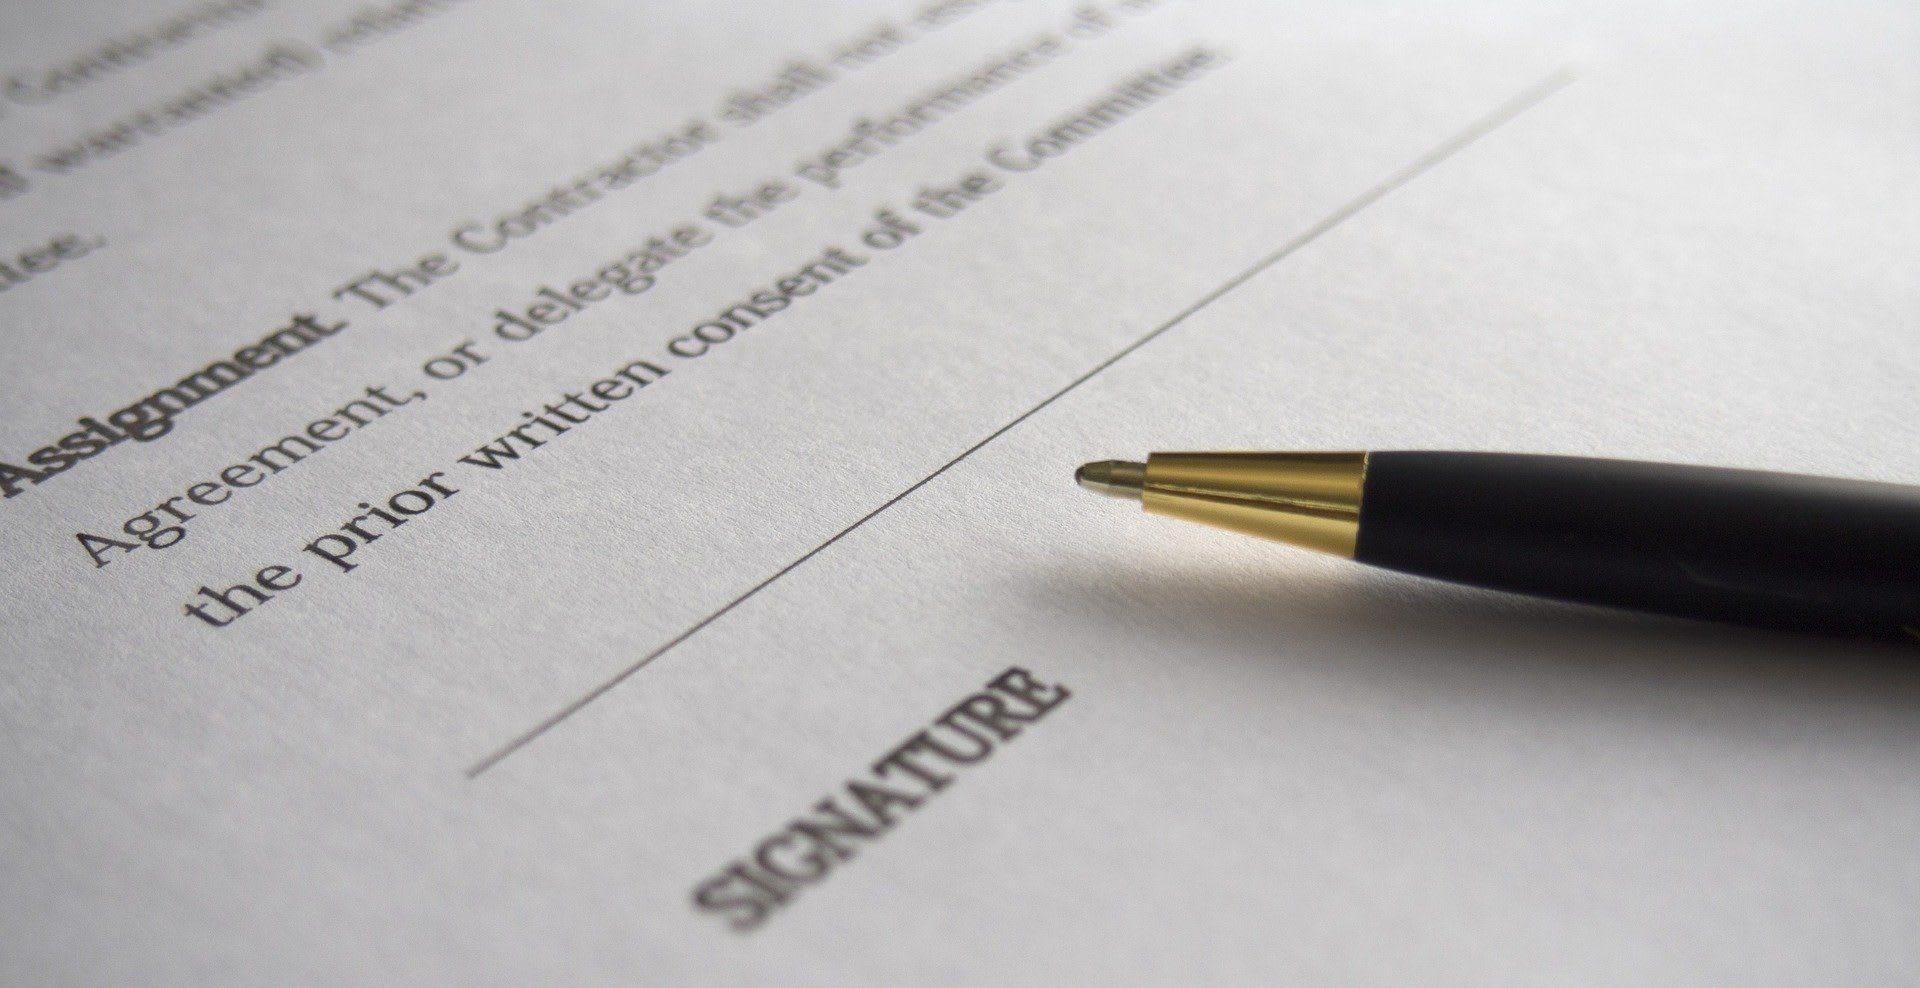 enrollment and registration forms